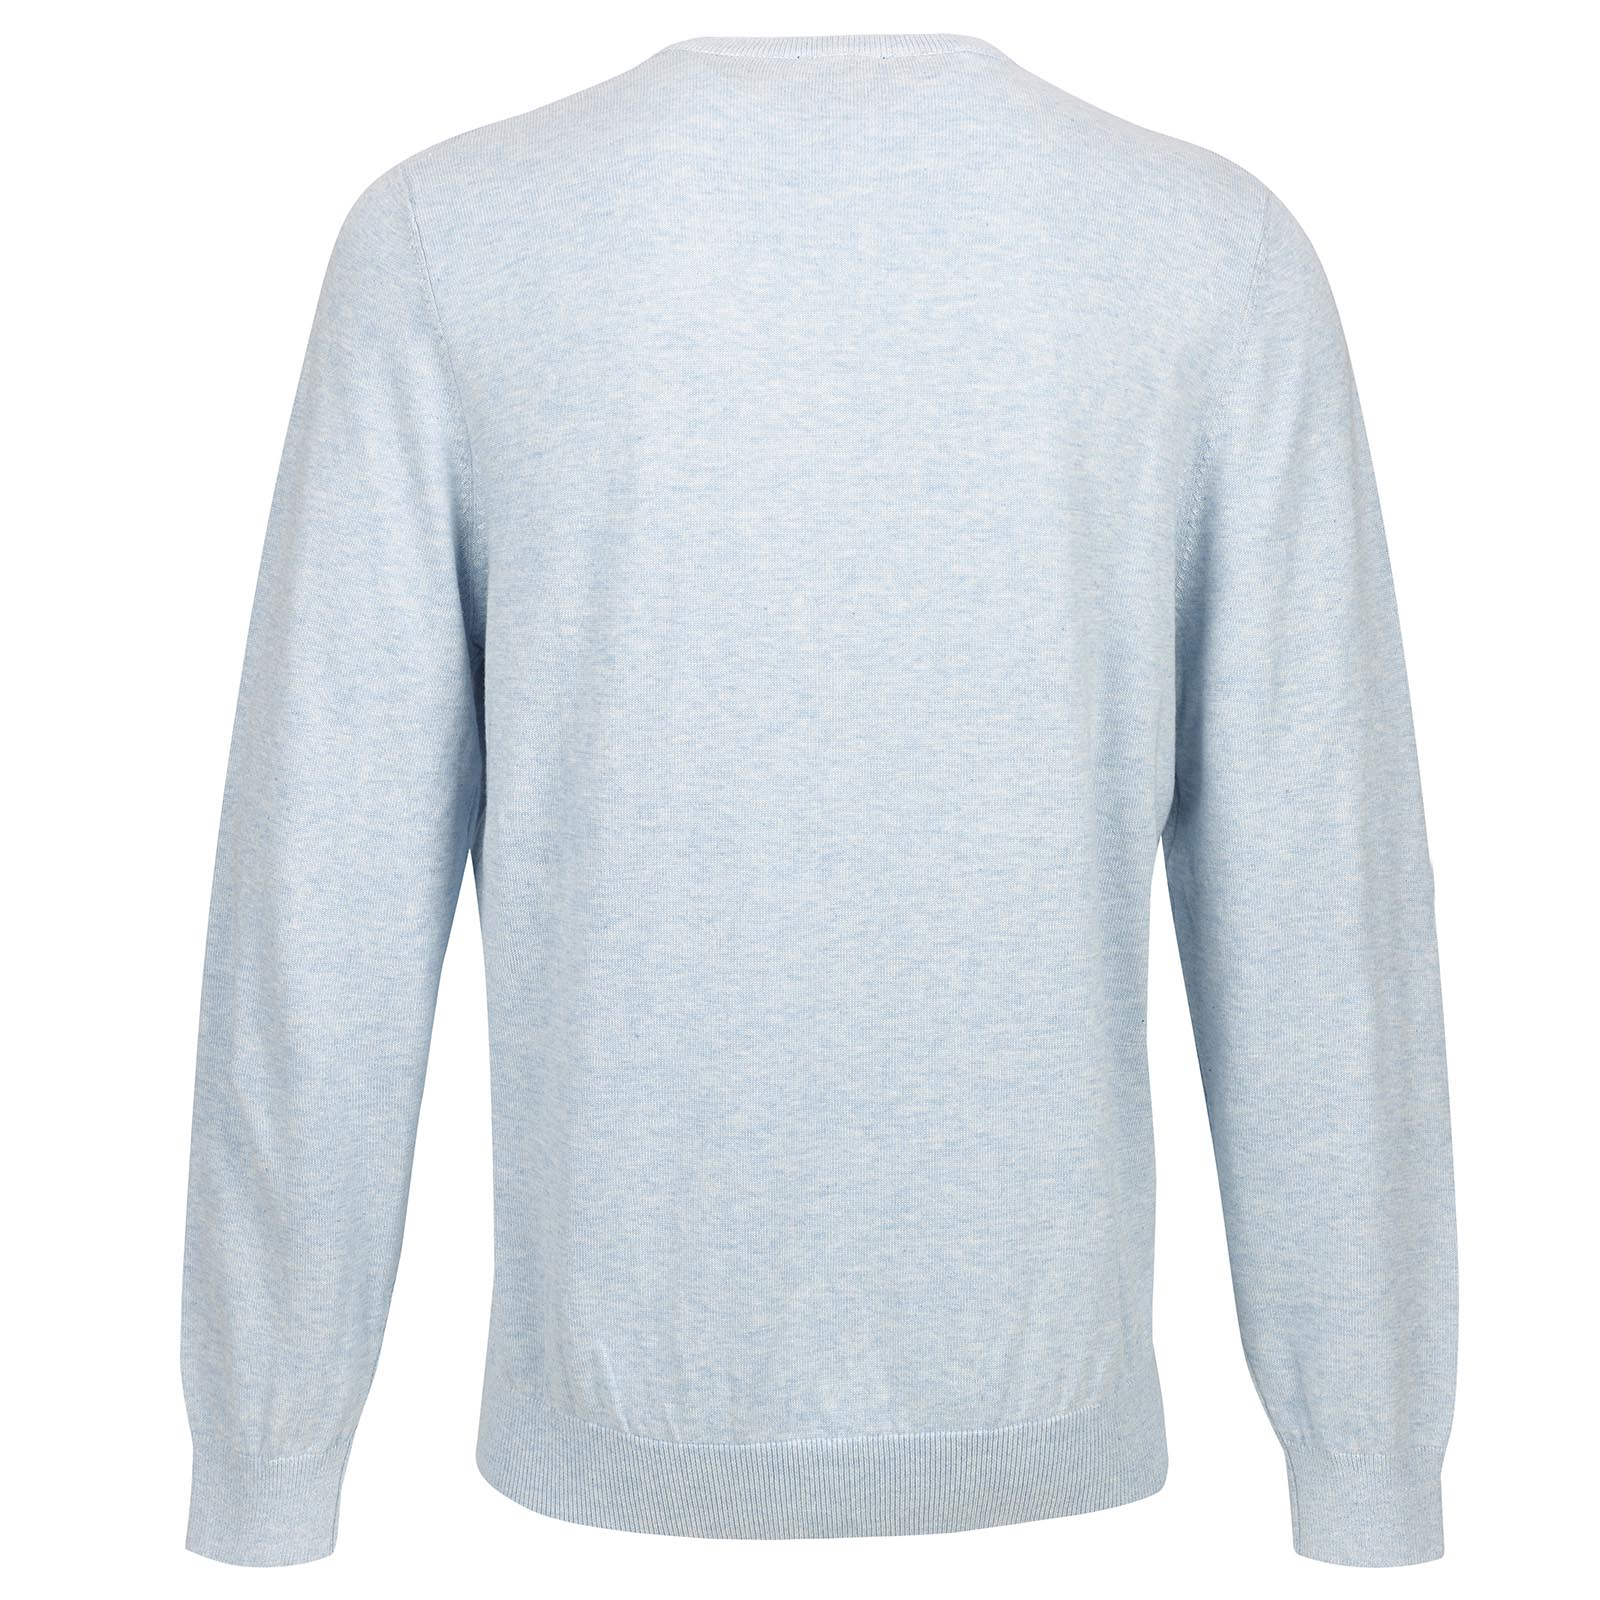 Herren Strickpullover mit V-Ausschnitt aus besonders weicher Baumwolle